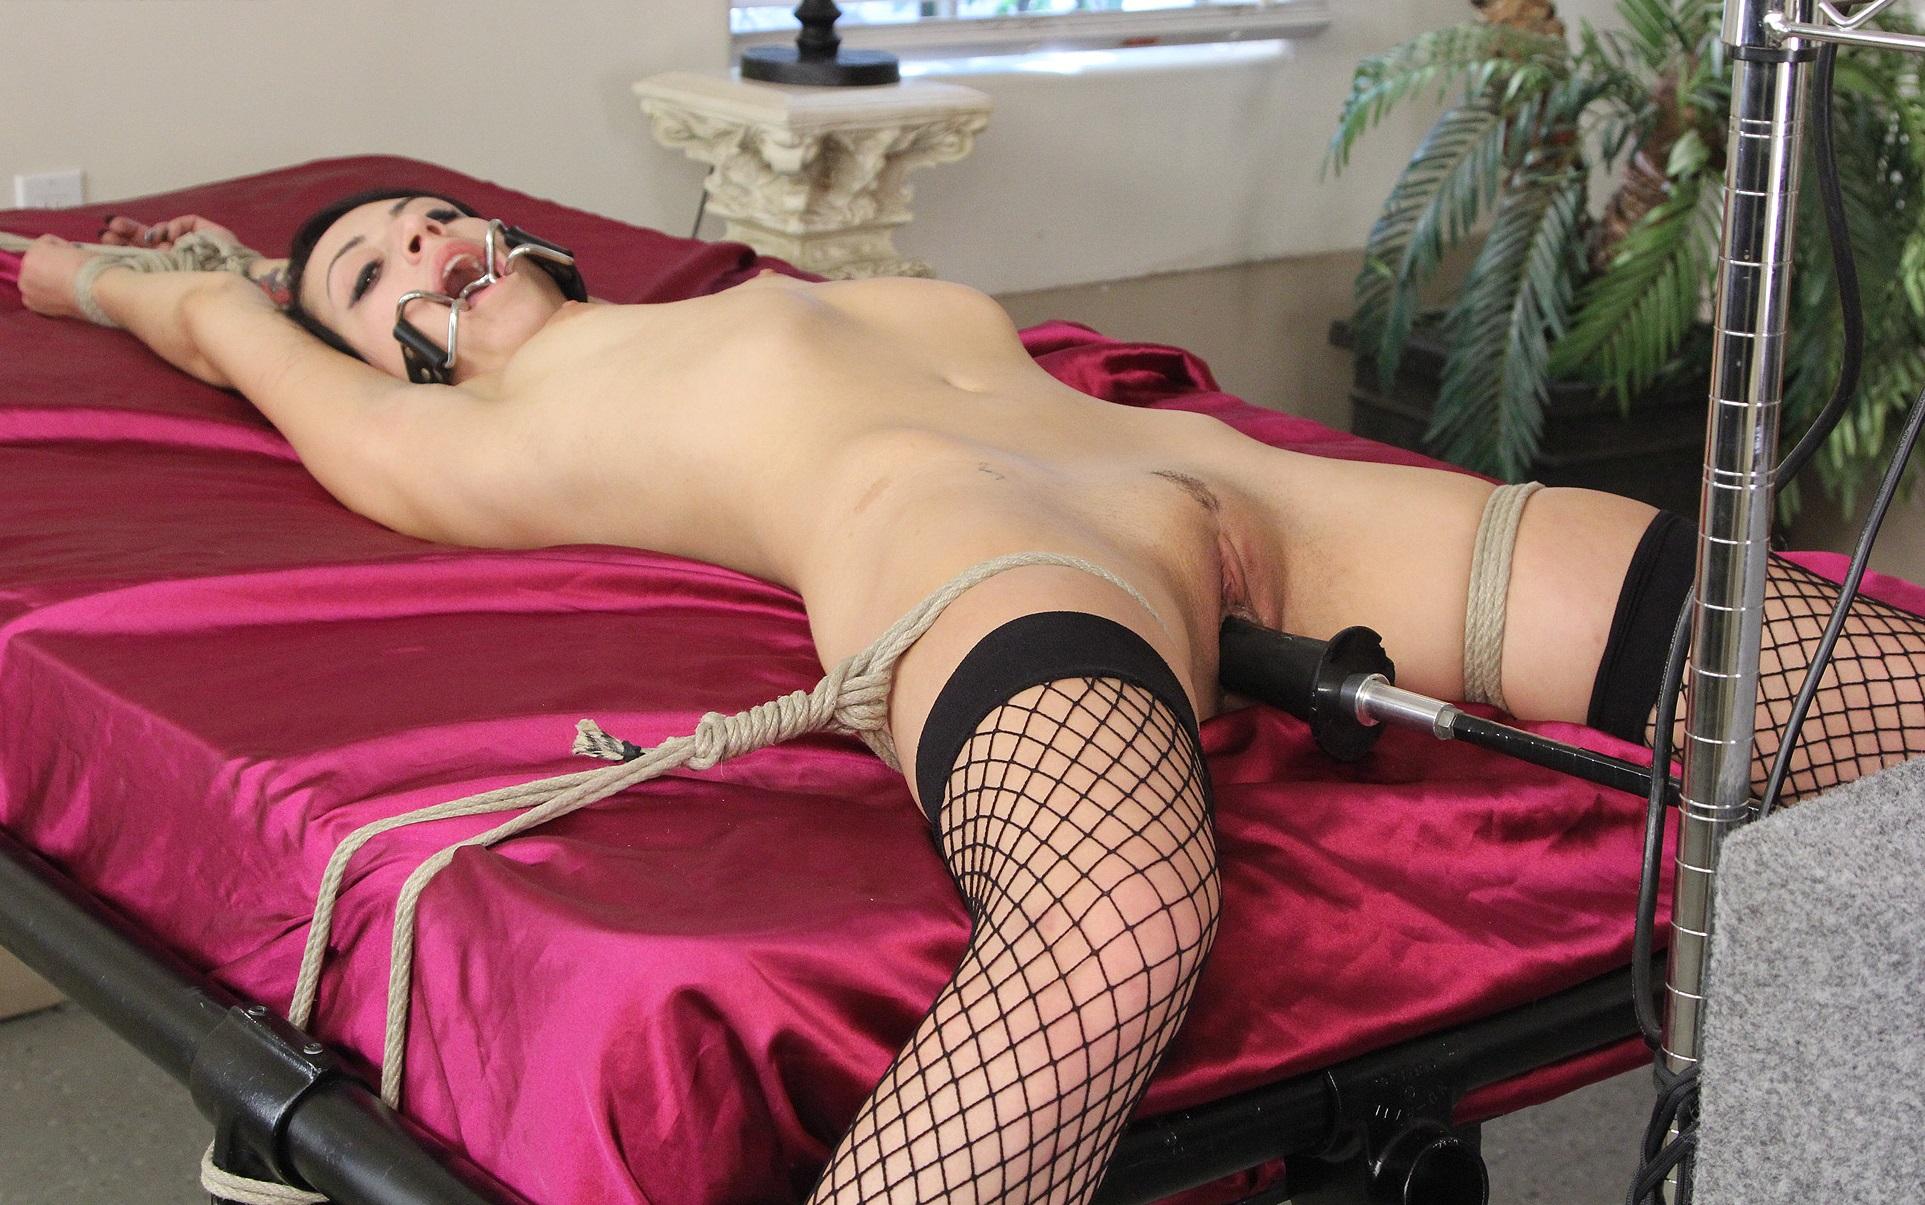 Секс машины привязанная девушка, Секс машины онлайн порно смотрите бесплатно, видео 10 фотография